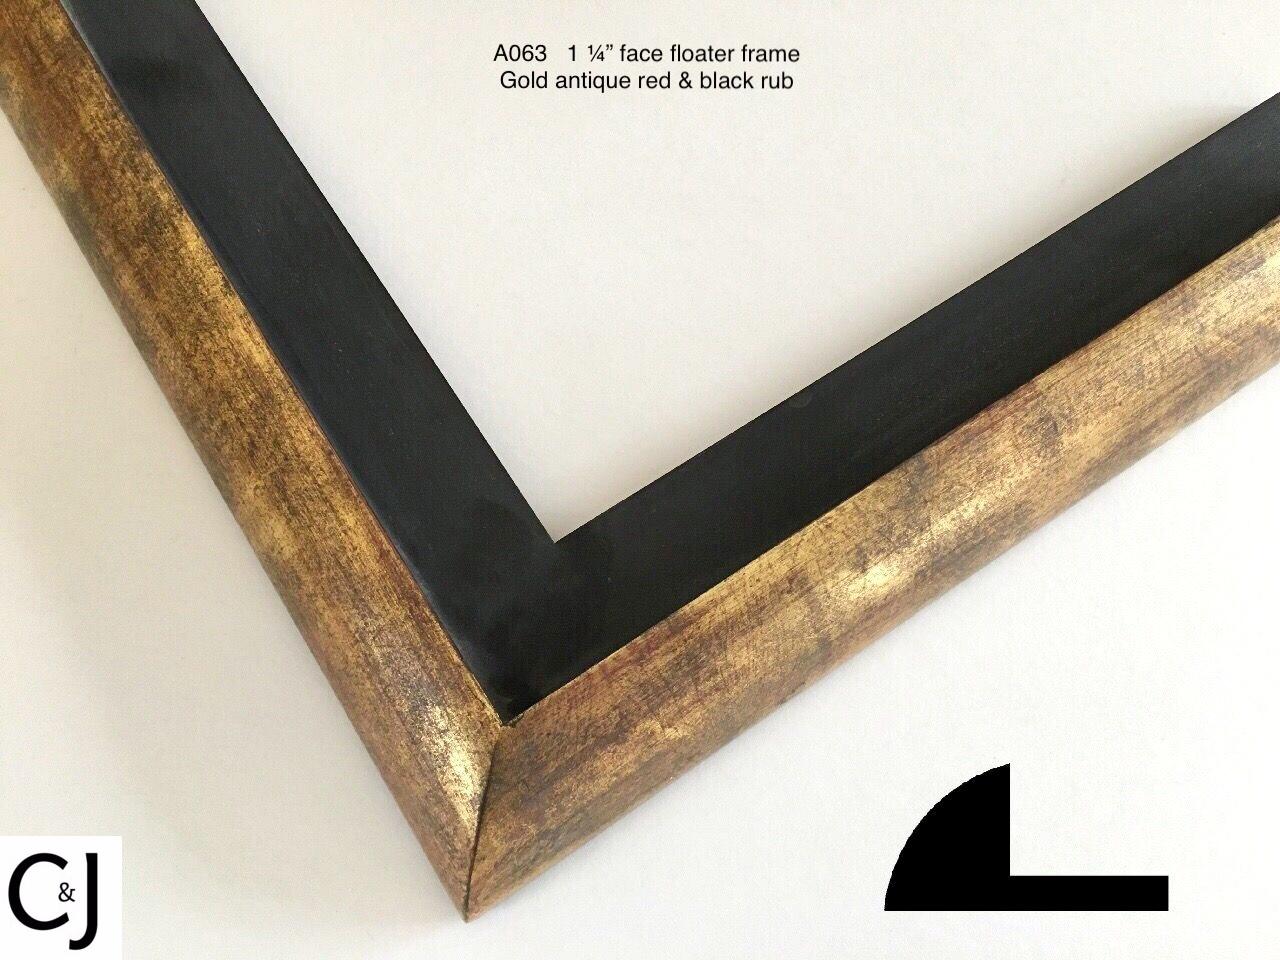 A063 Gold Antique